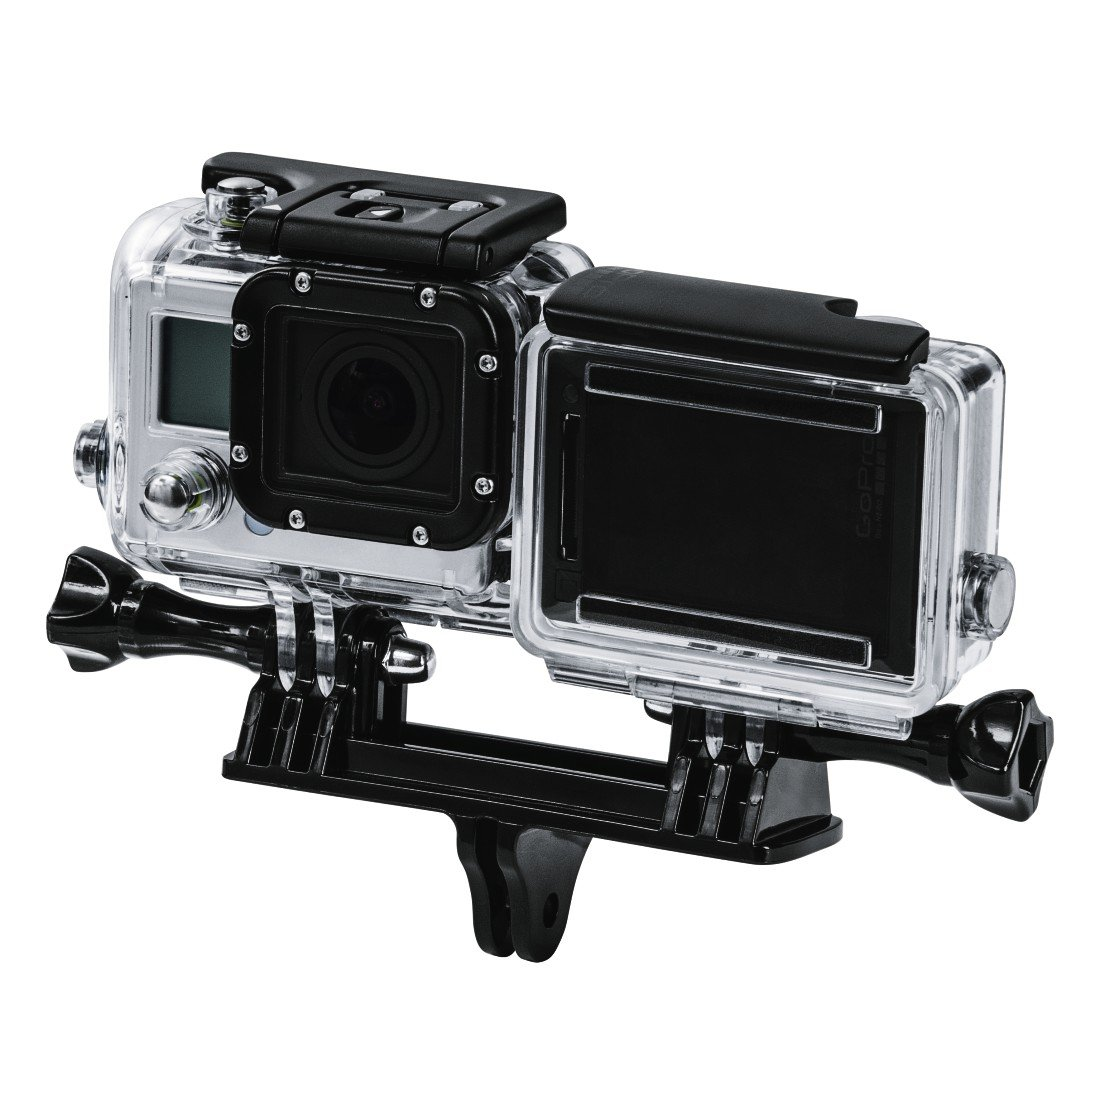 Hama Doppelhalterung f/ür GoPro Doppel-Halter Halterung f/ür 2 GoPro Action-Cams Dual Mount